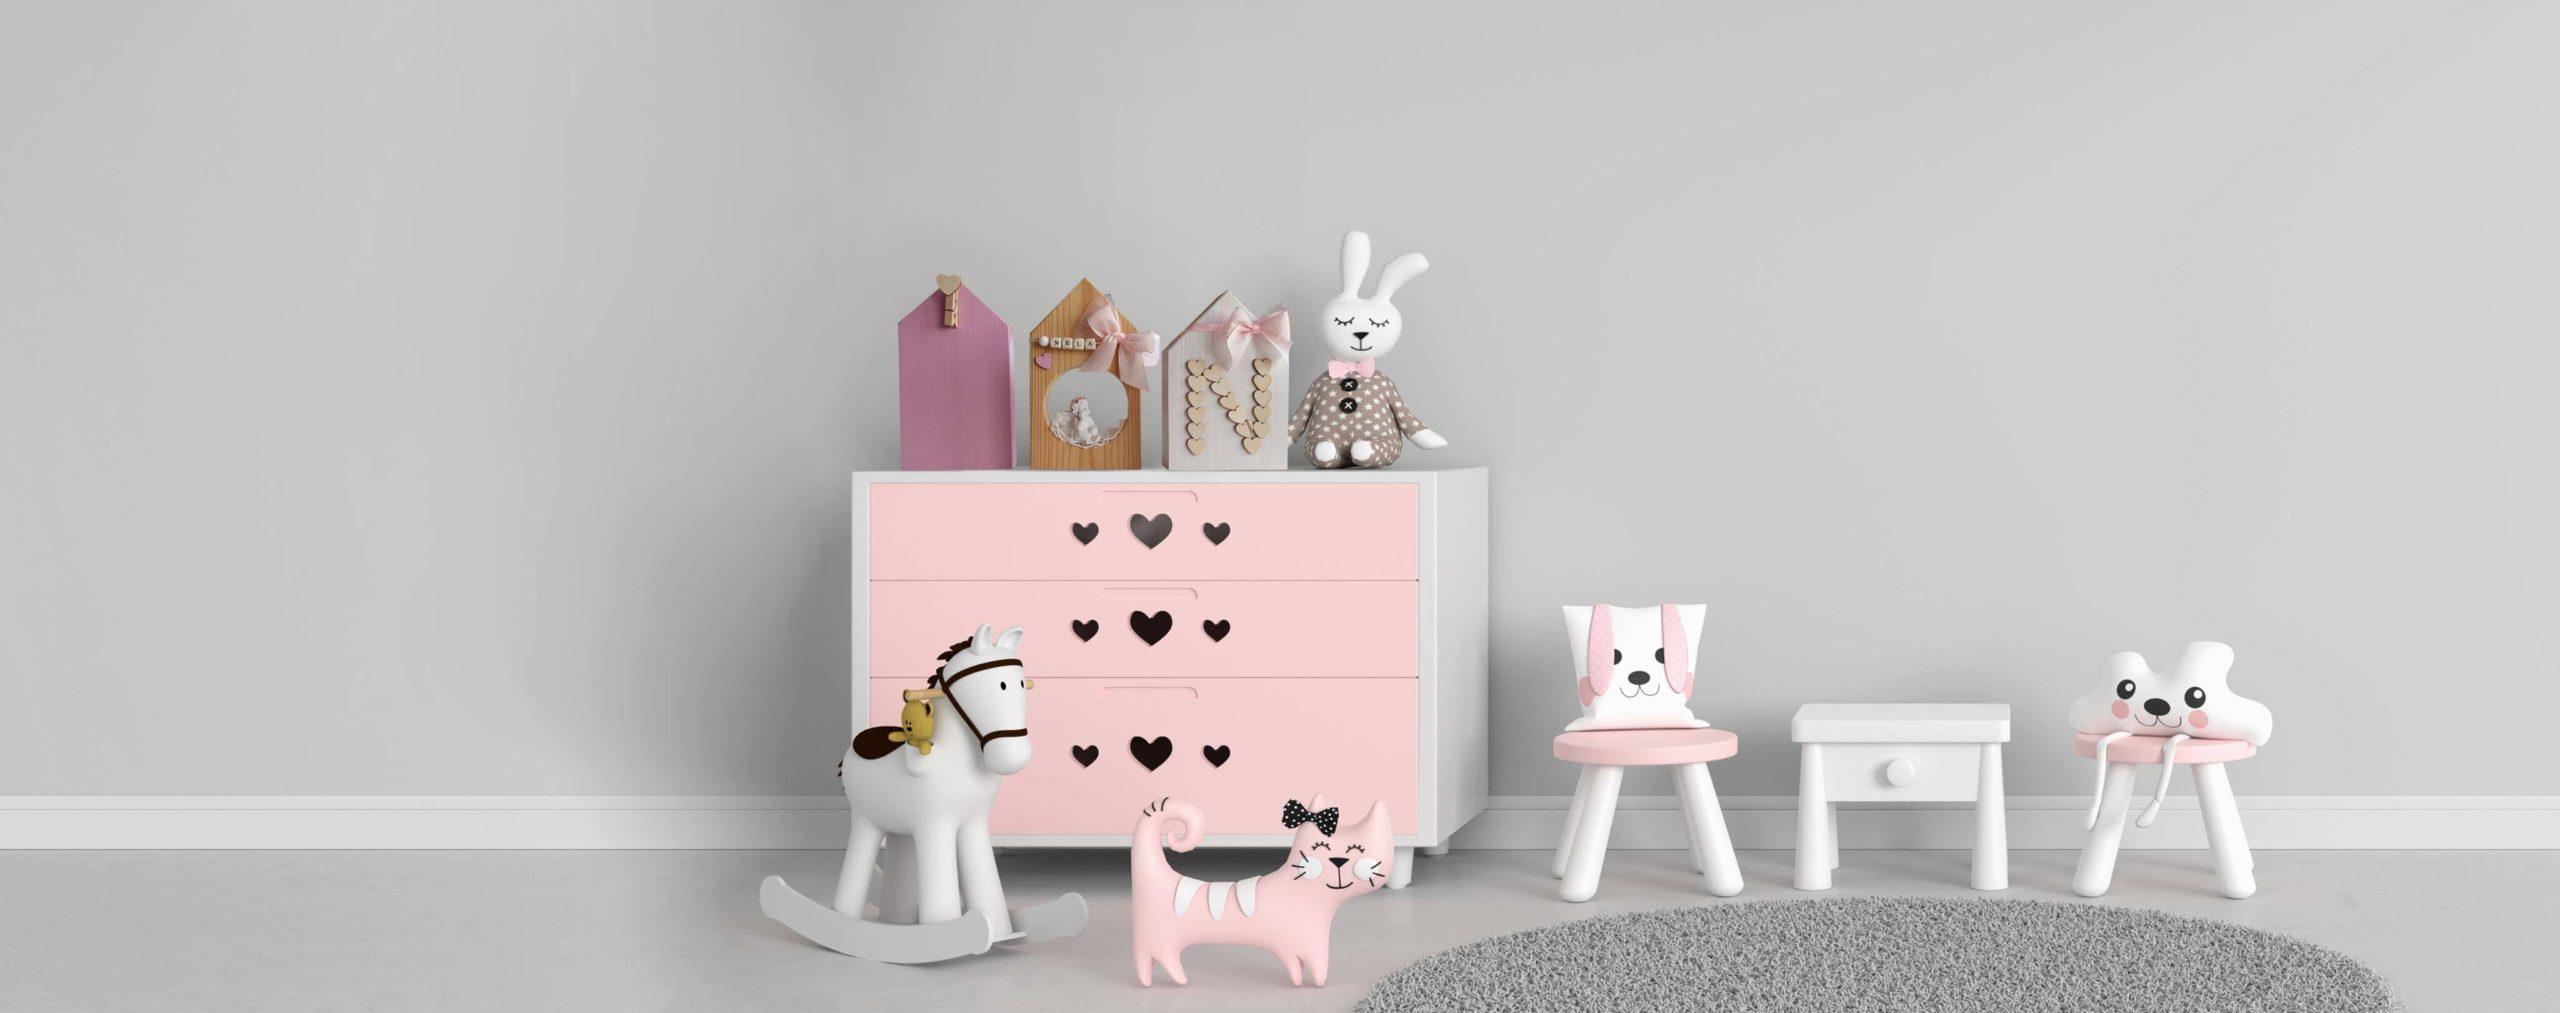 różowe domki skandynawskie dla dziewczynki w pokoju